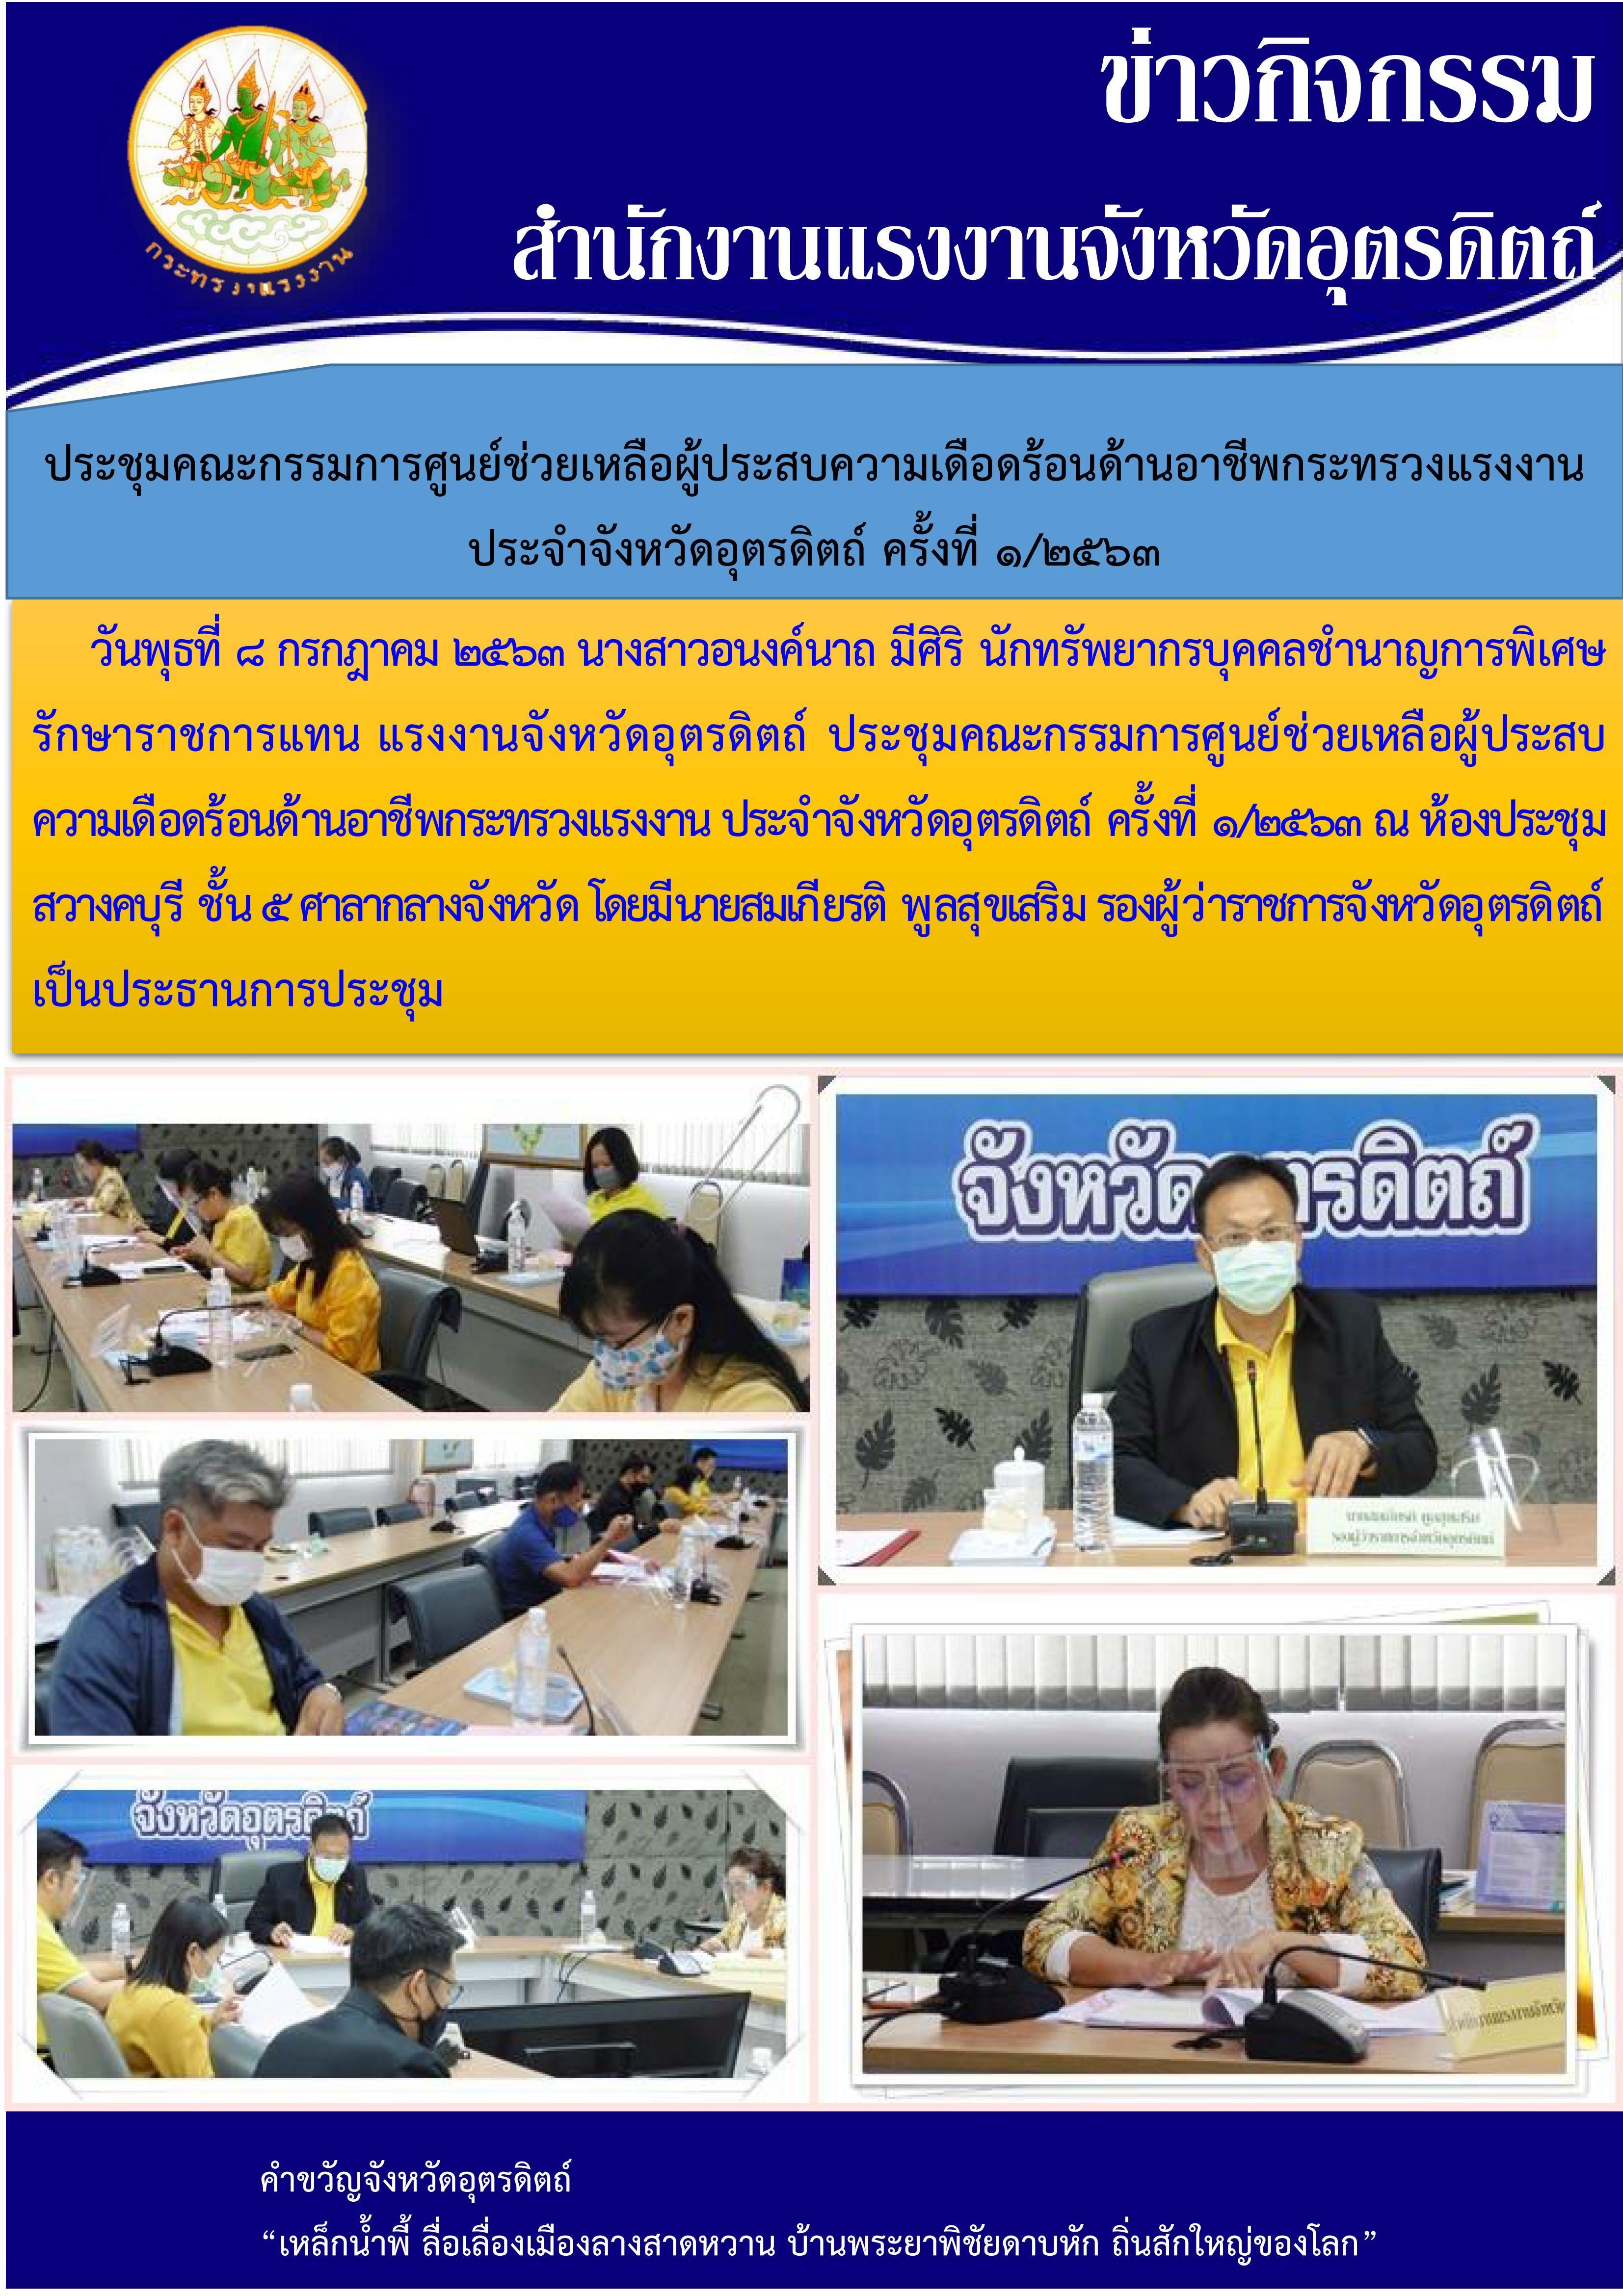 ประชุมคณะกรรมการศูนย์ช่วยเหลือผู้ประสบความเดือดร้อนด้านอาชีพกระทรวงแรงงาน ประจำจังหวัดอุตรดิตถ์ ครั้งที่ 1/2563